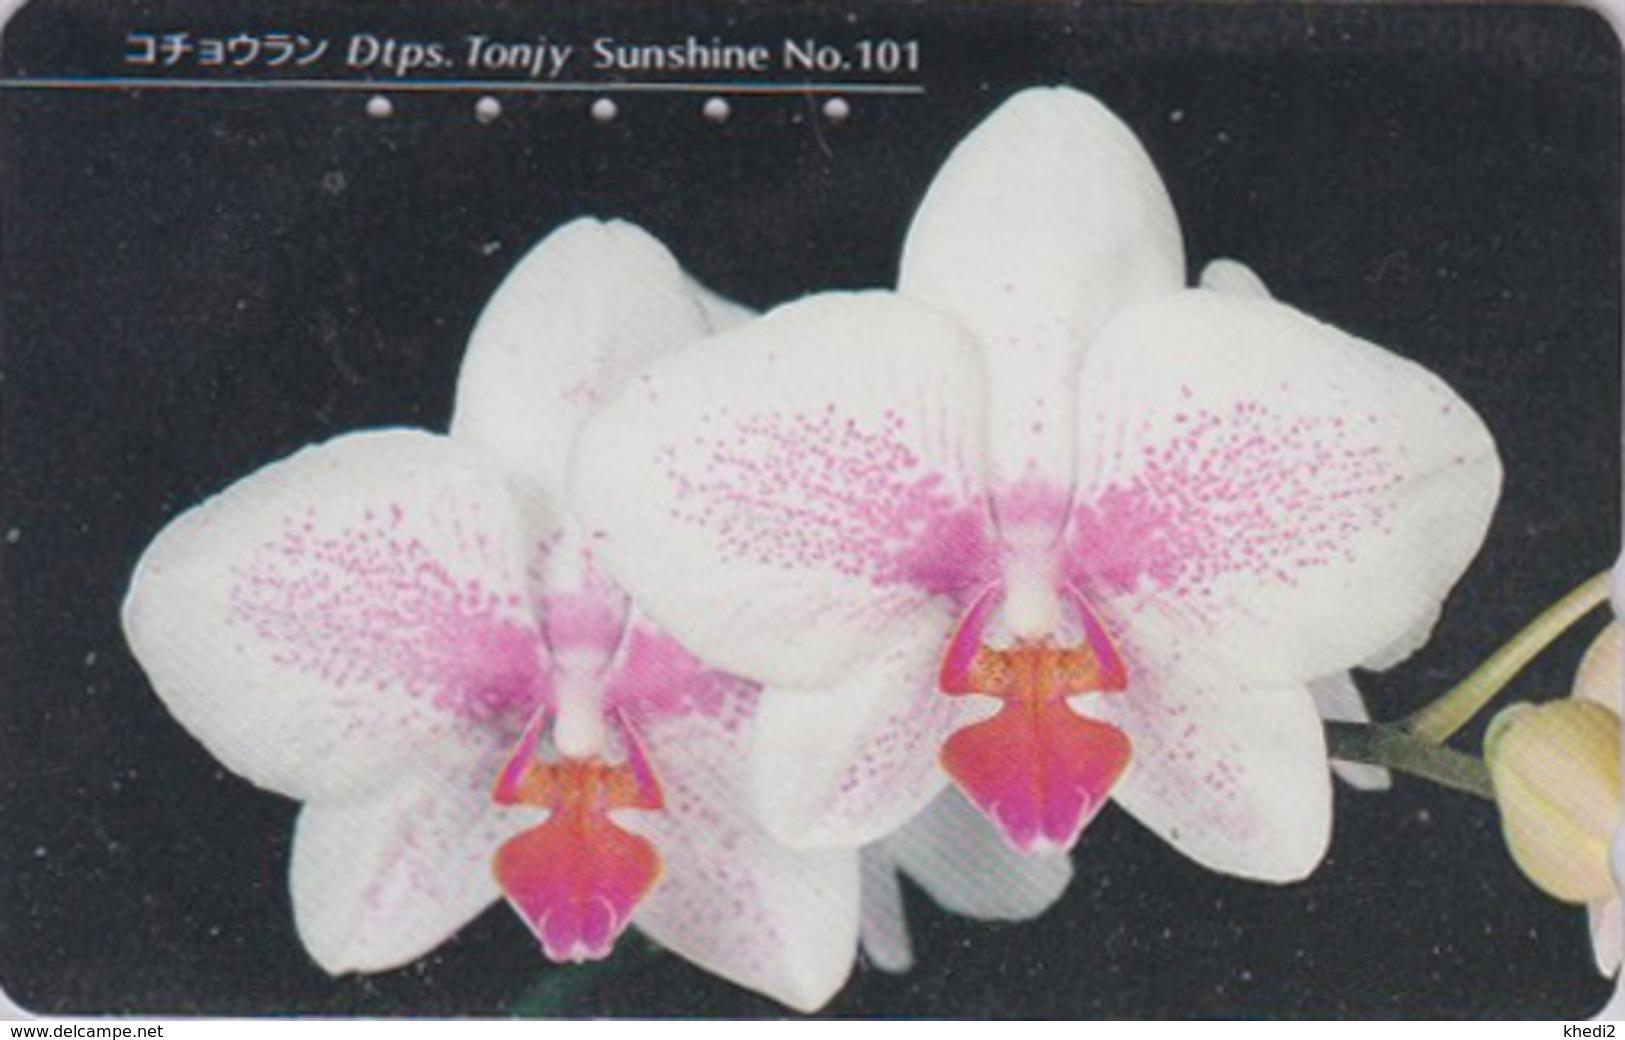 Télécarte Japon / 110-011 - Fleur - ORCHIDEE - ORCHID ** SUNSHINE ** - Flower Japan Phonecard - ORQUIDEA - 2424 - Fleurs